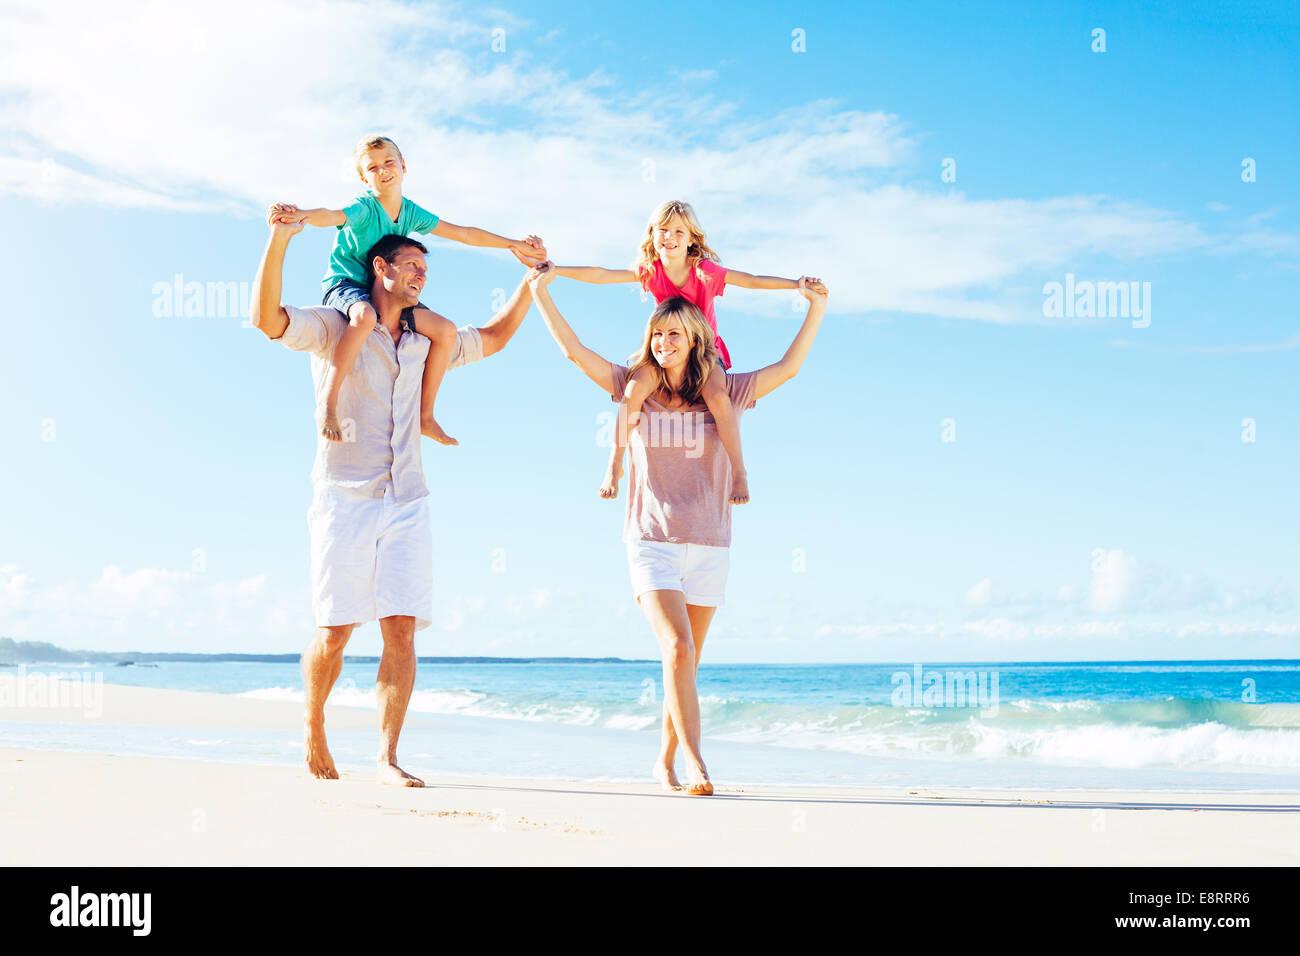 Foto de familia feliz divirtiéndose en la playa. El estilo de vida de verano. Imagen De Stock